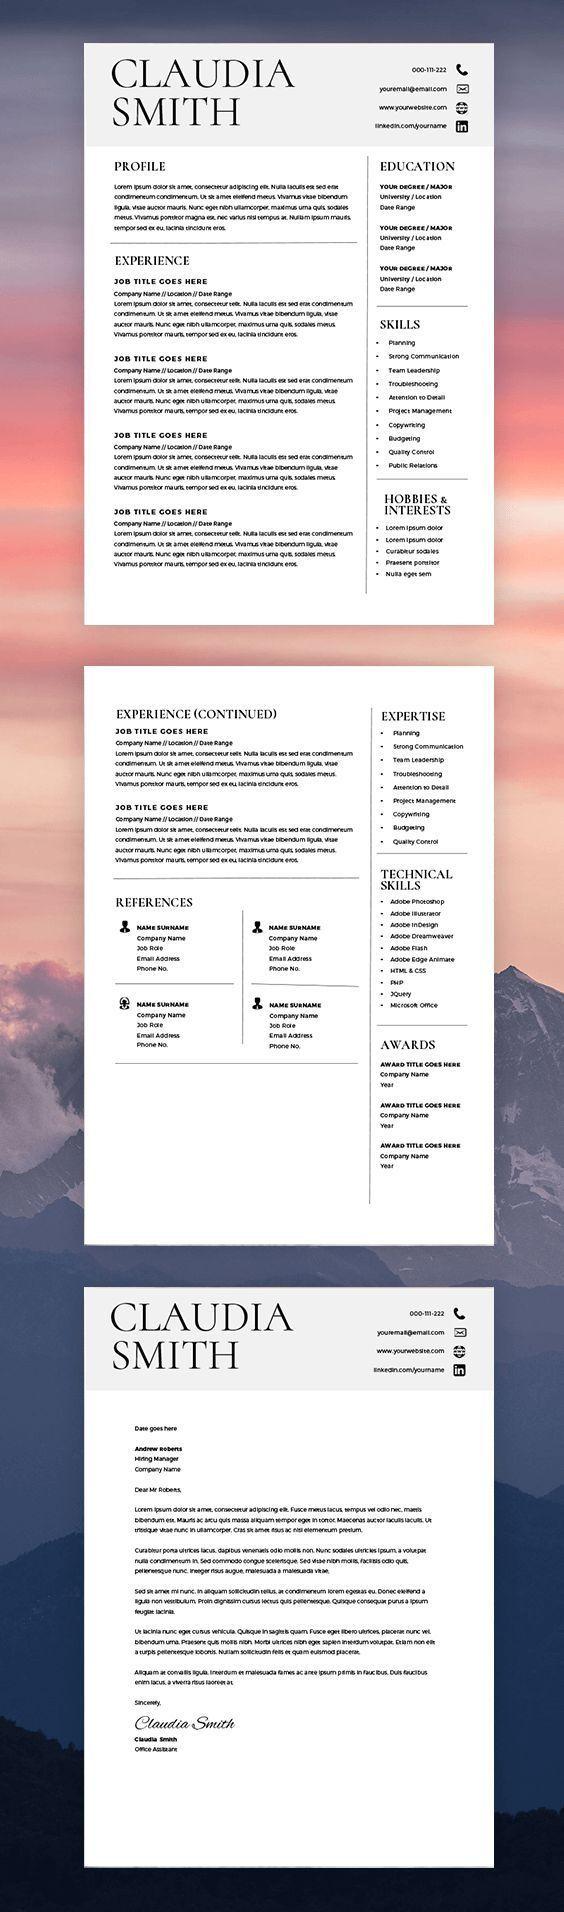 medical resume template word minimalist resume free cover letter resume template word mac - Word Resume Template Free